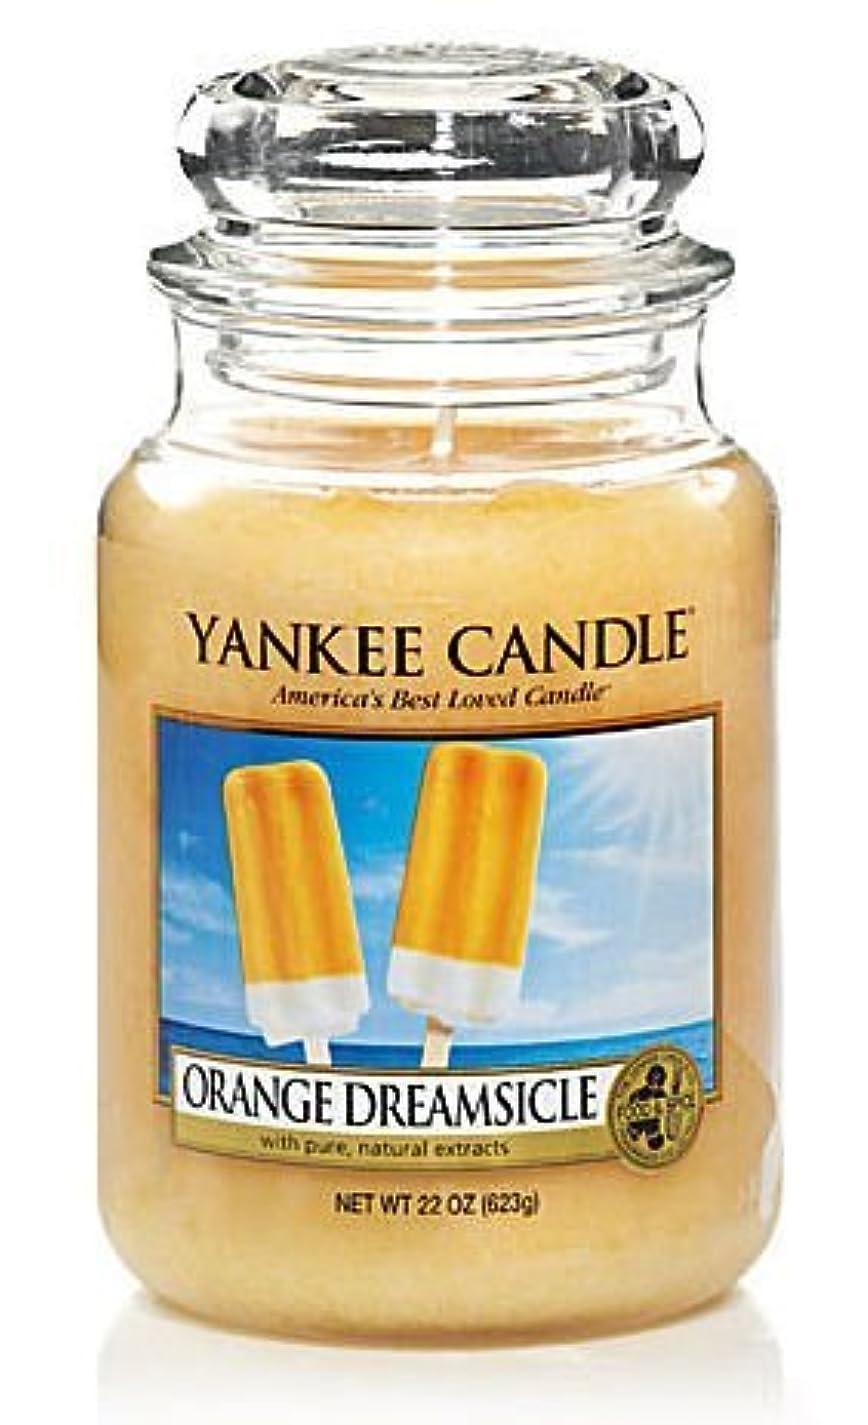 信頼できる険しい病院Yankee Candle Orange Dreamsicle Large Jar Candle, Food & Spice Scent by Yankee Candle [並行輸入品]